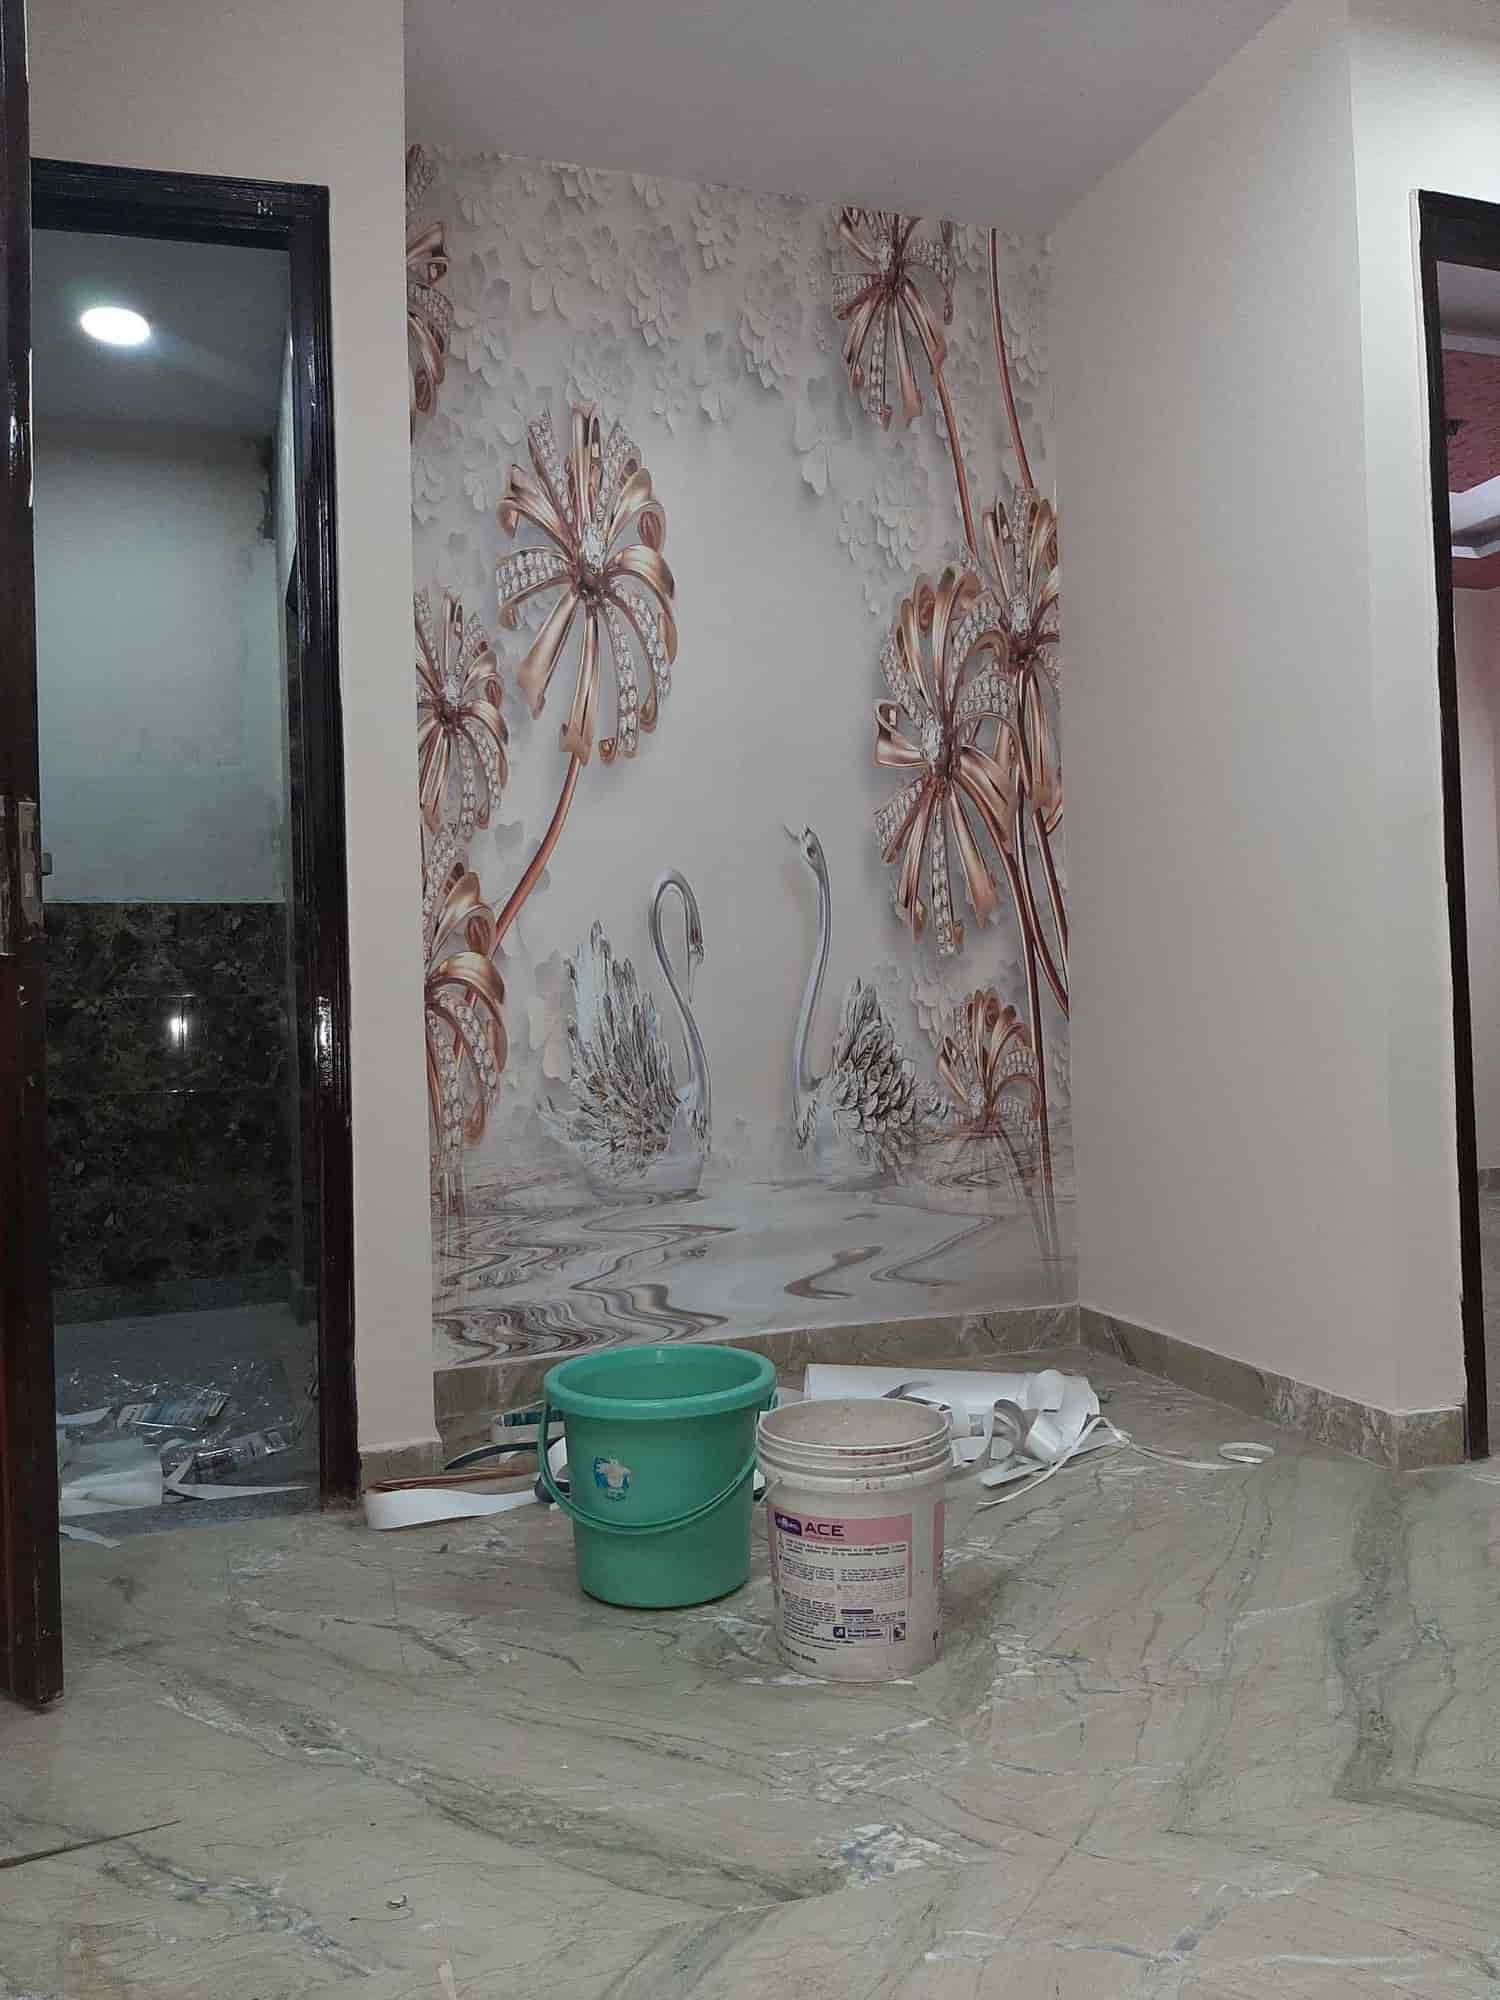 shri krishna wallpapers shalimar bagh delhi imported wall paper dealers 7k7c154r9v